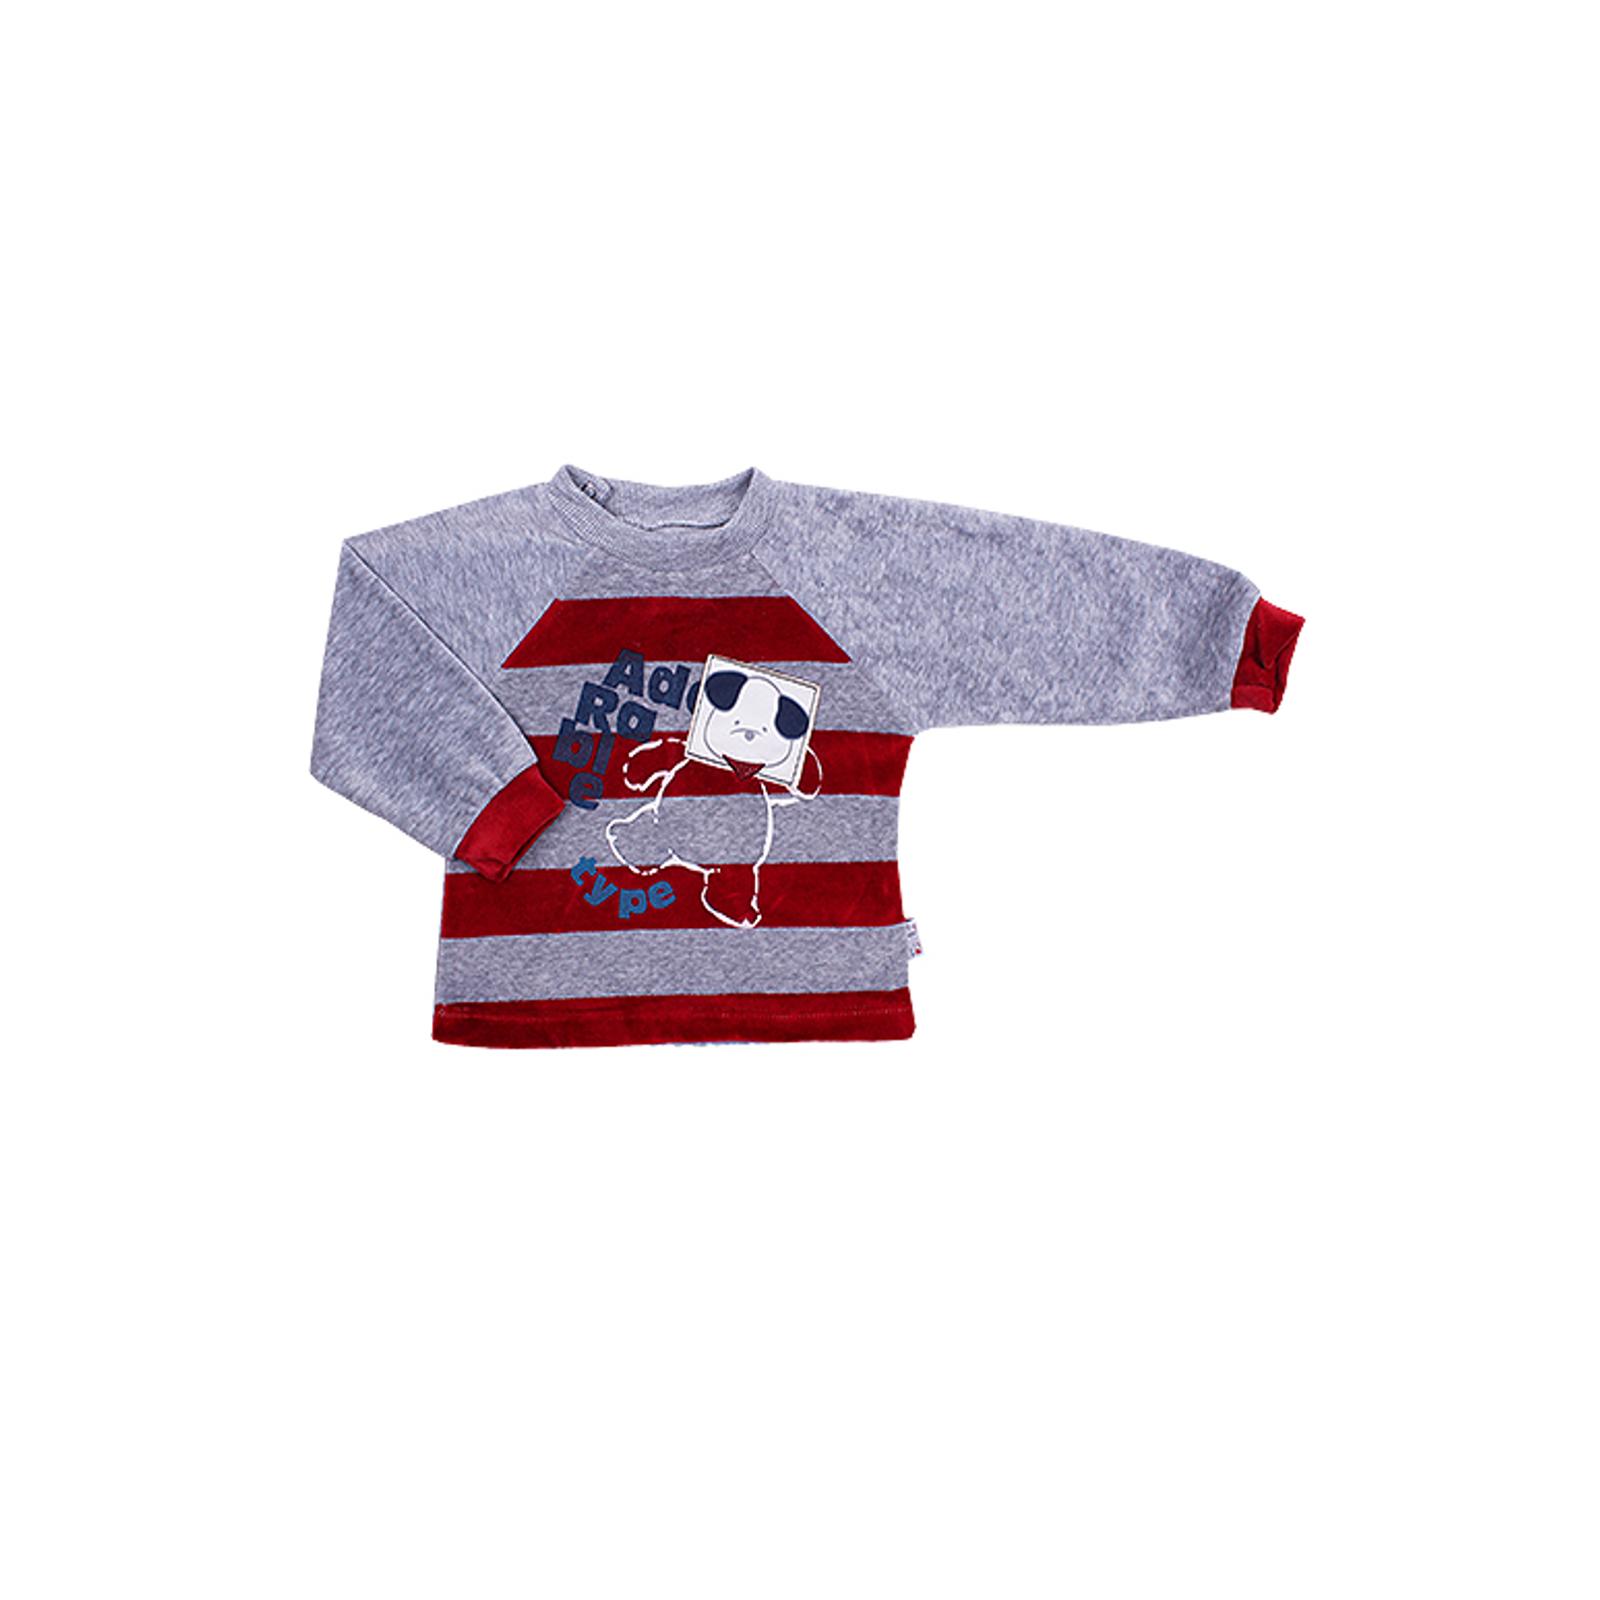 Комплект одежды Estella для мальчика, брюки, толстовка, цвет - Бордо Размер 74